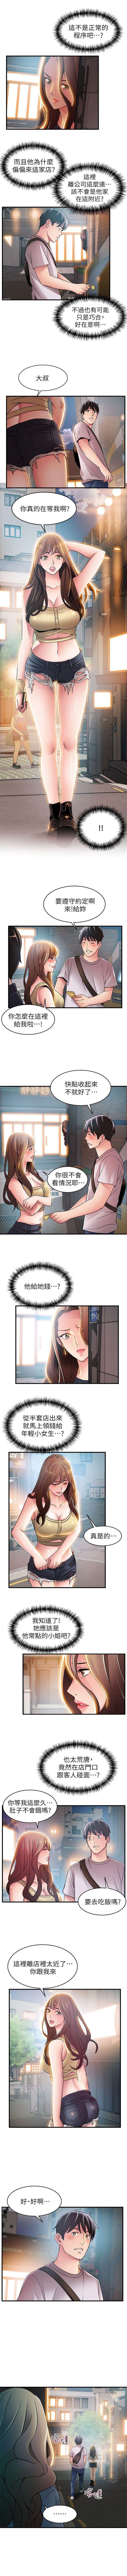 弱点 1-64 中文翻译(更新中) 192